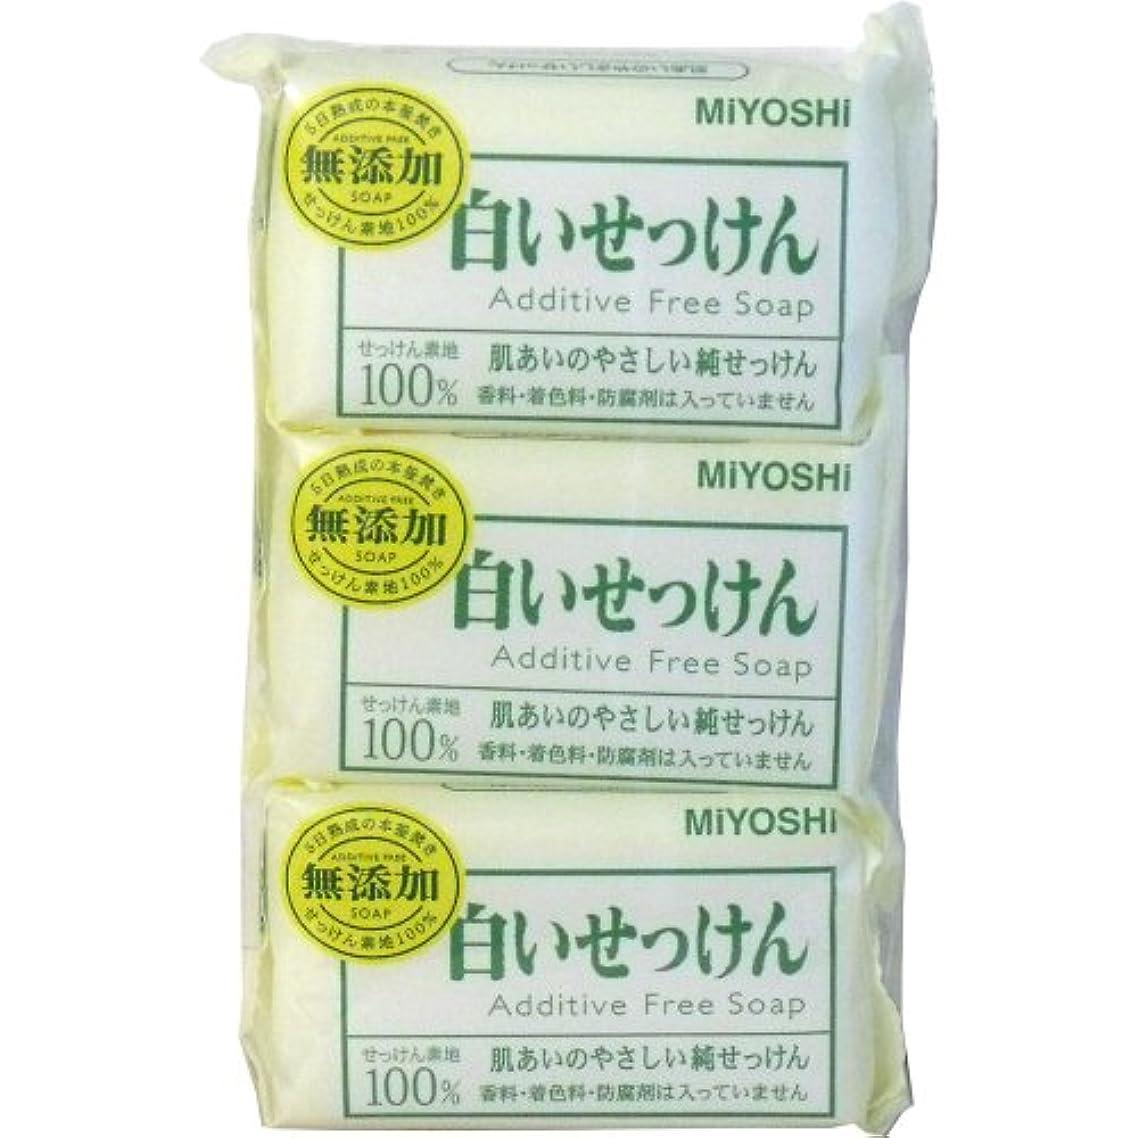 先駆者慢性的きょうだい【ミヨシ】ミヨシ 無添加 白いせっけん 108g×3個入 ×10個セット